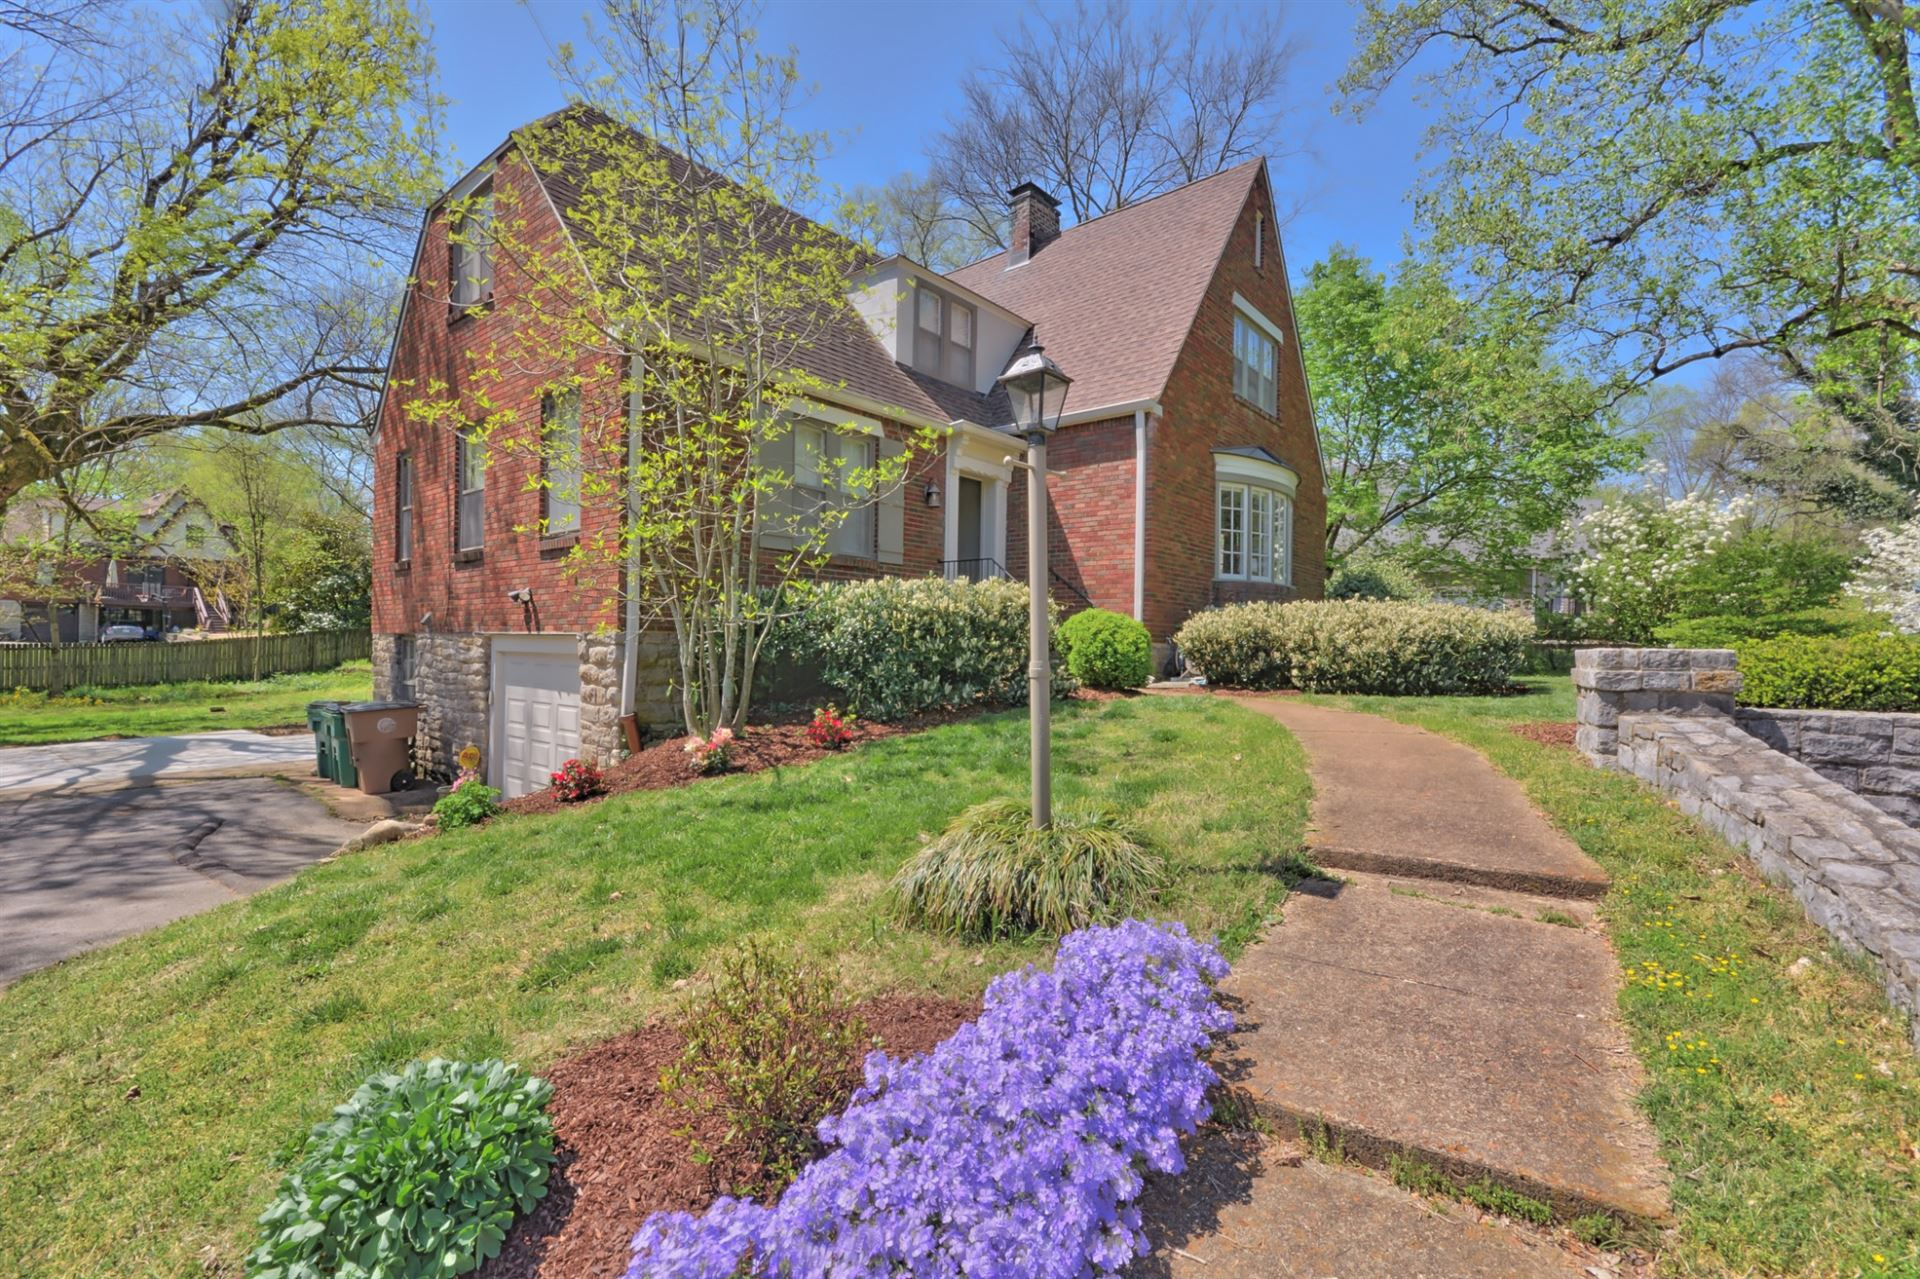 Photo of 1023 Woodmont Blvd, Nashville, TN 37204 (MLS # 2264440)